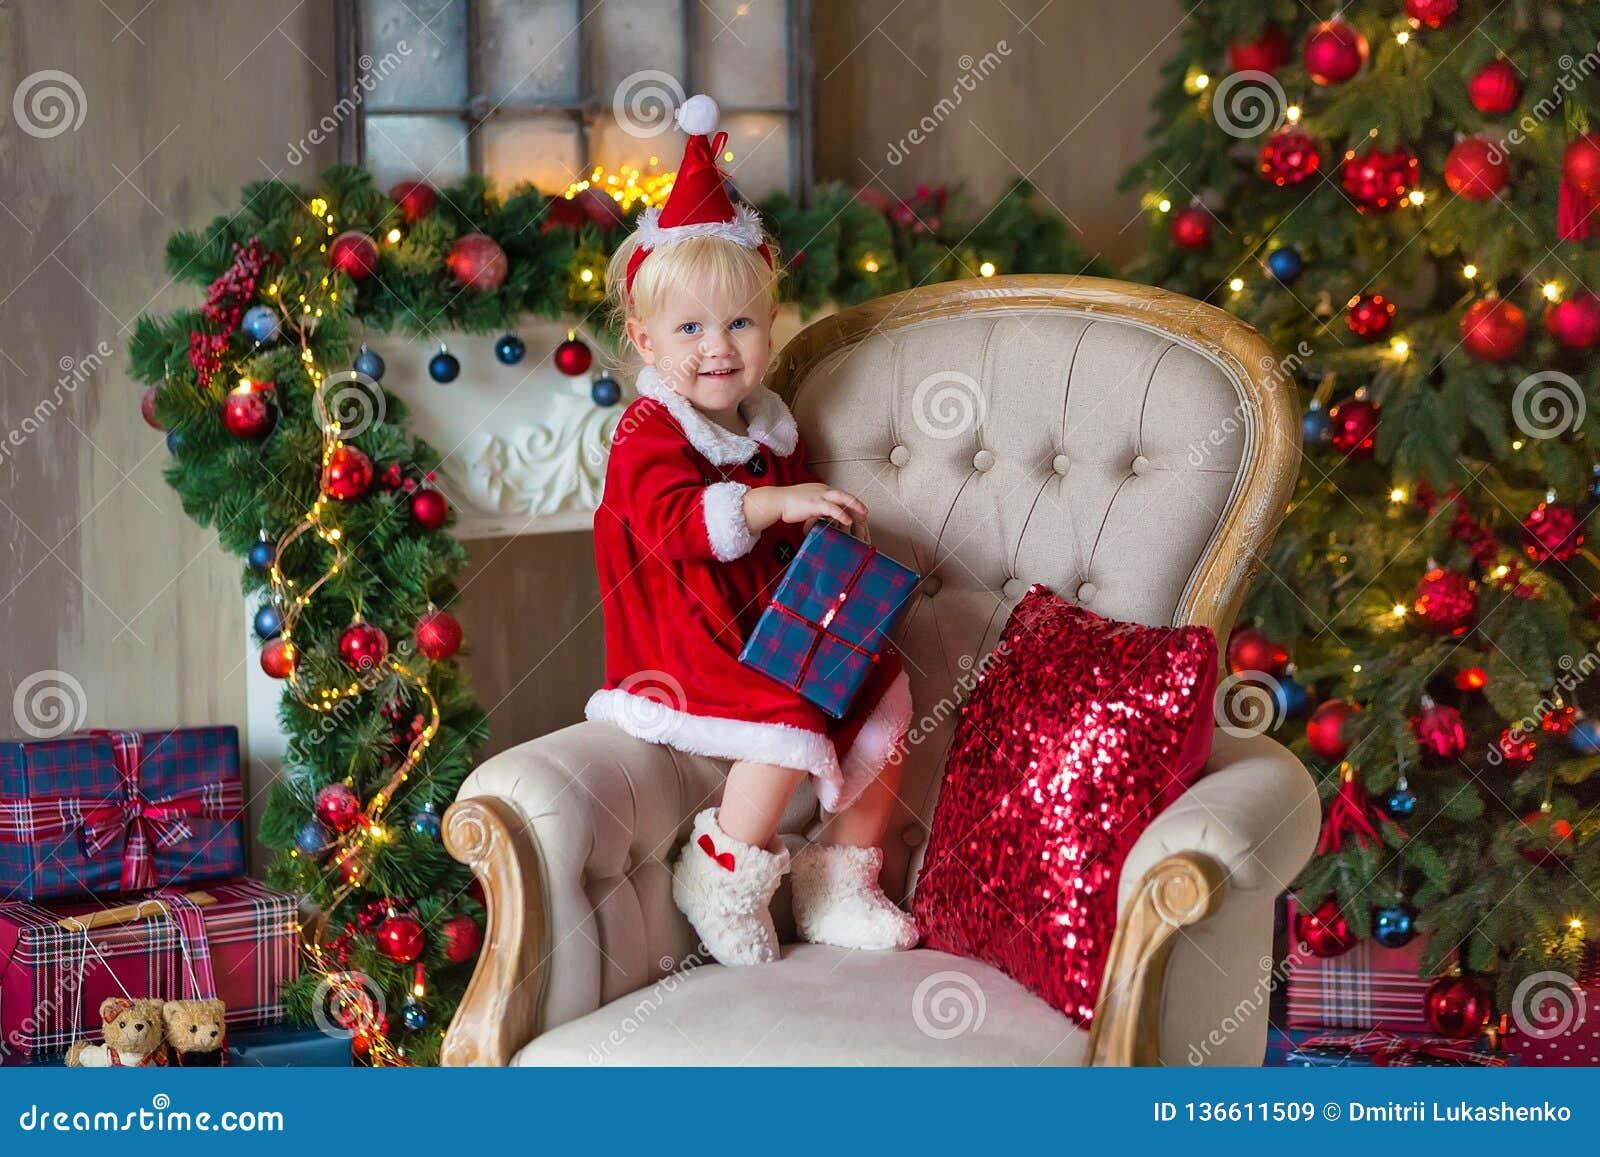 Девушка маленького ребенка веселого рождества и счастливых праздников милая украшает рождественскую елку внутри помещения